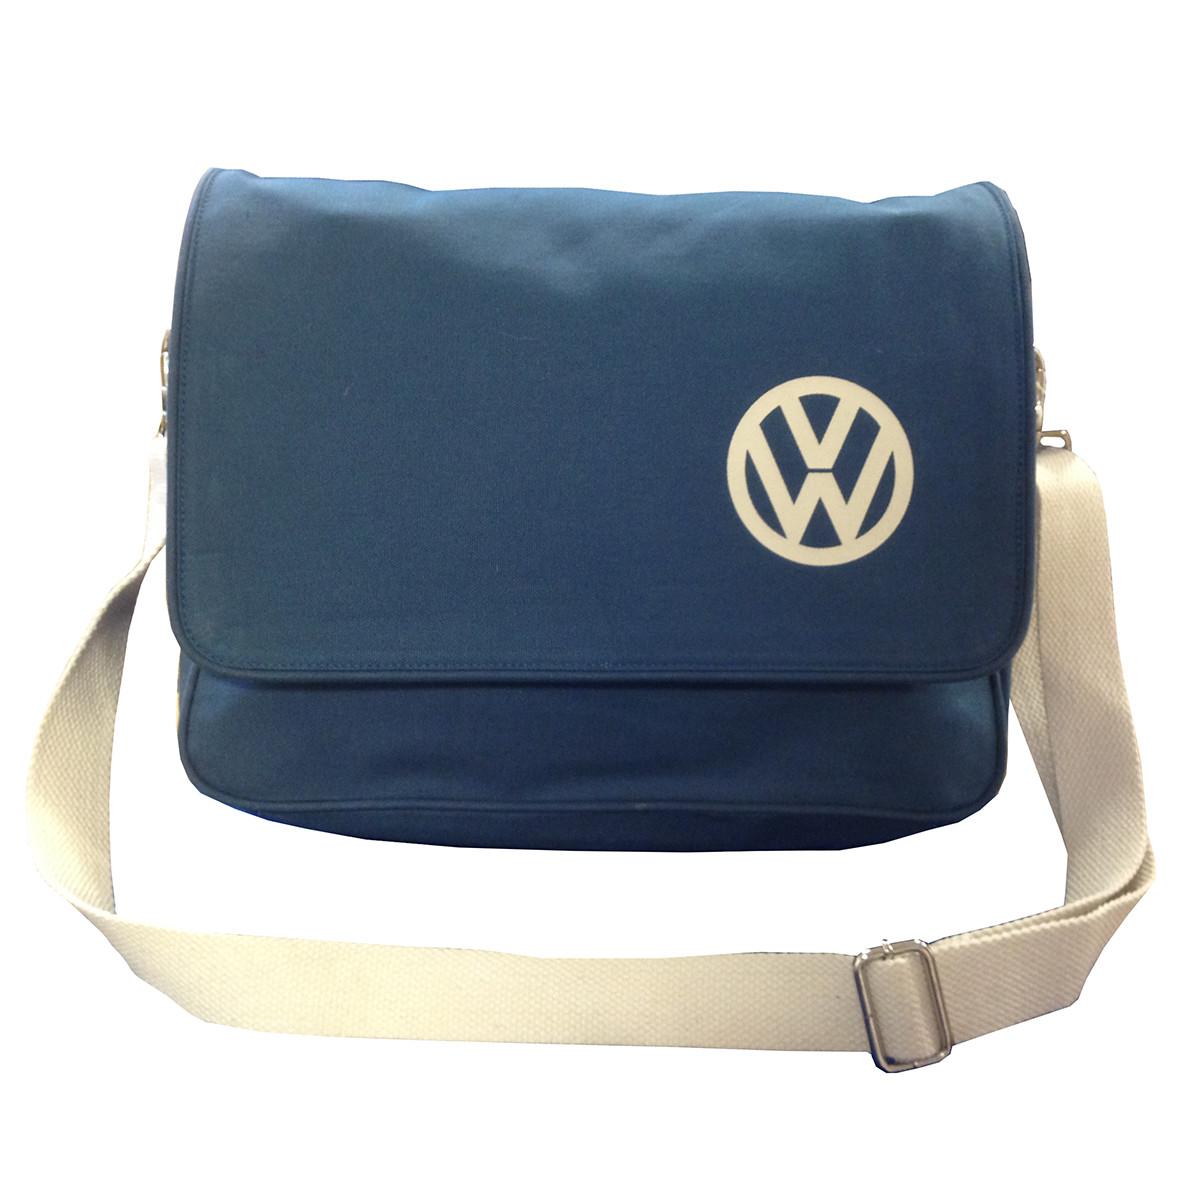 e26c3998ac02 Official VW Canvas Messenger Shoulder Bag - Blue